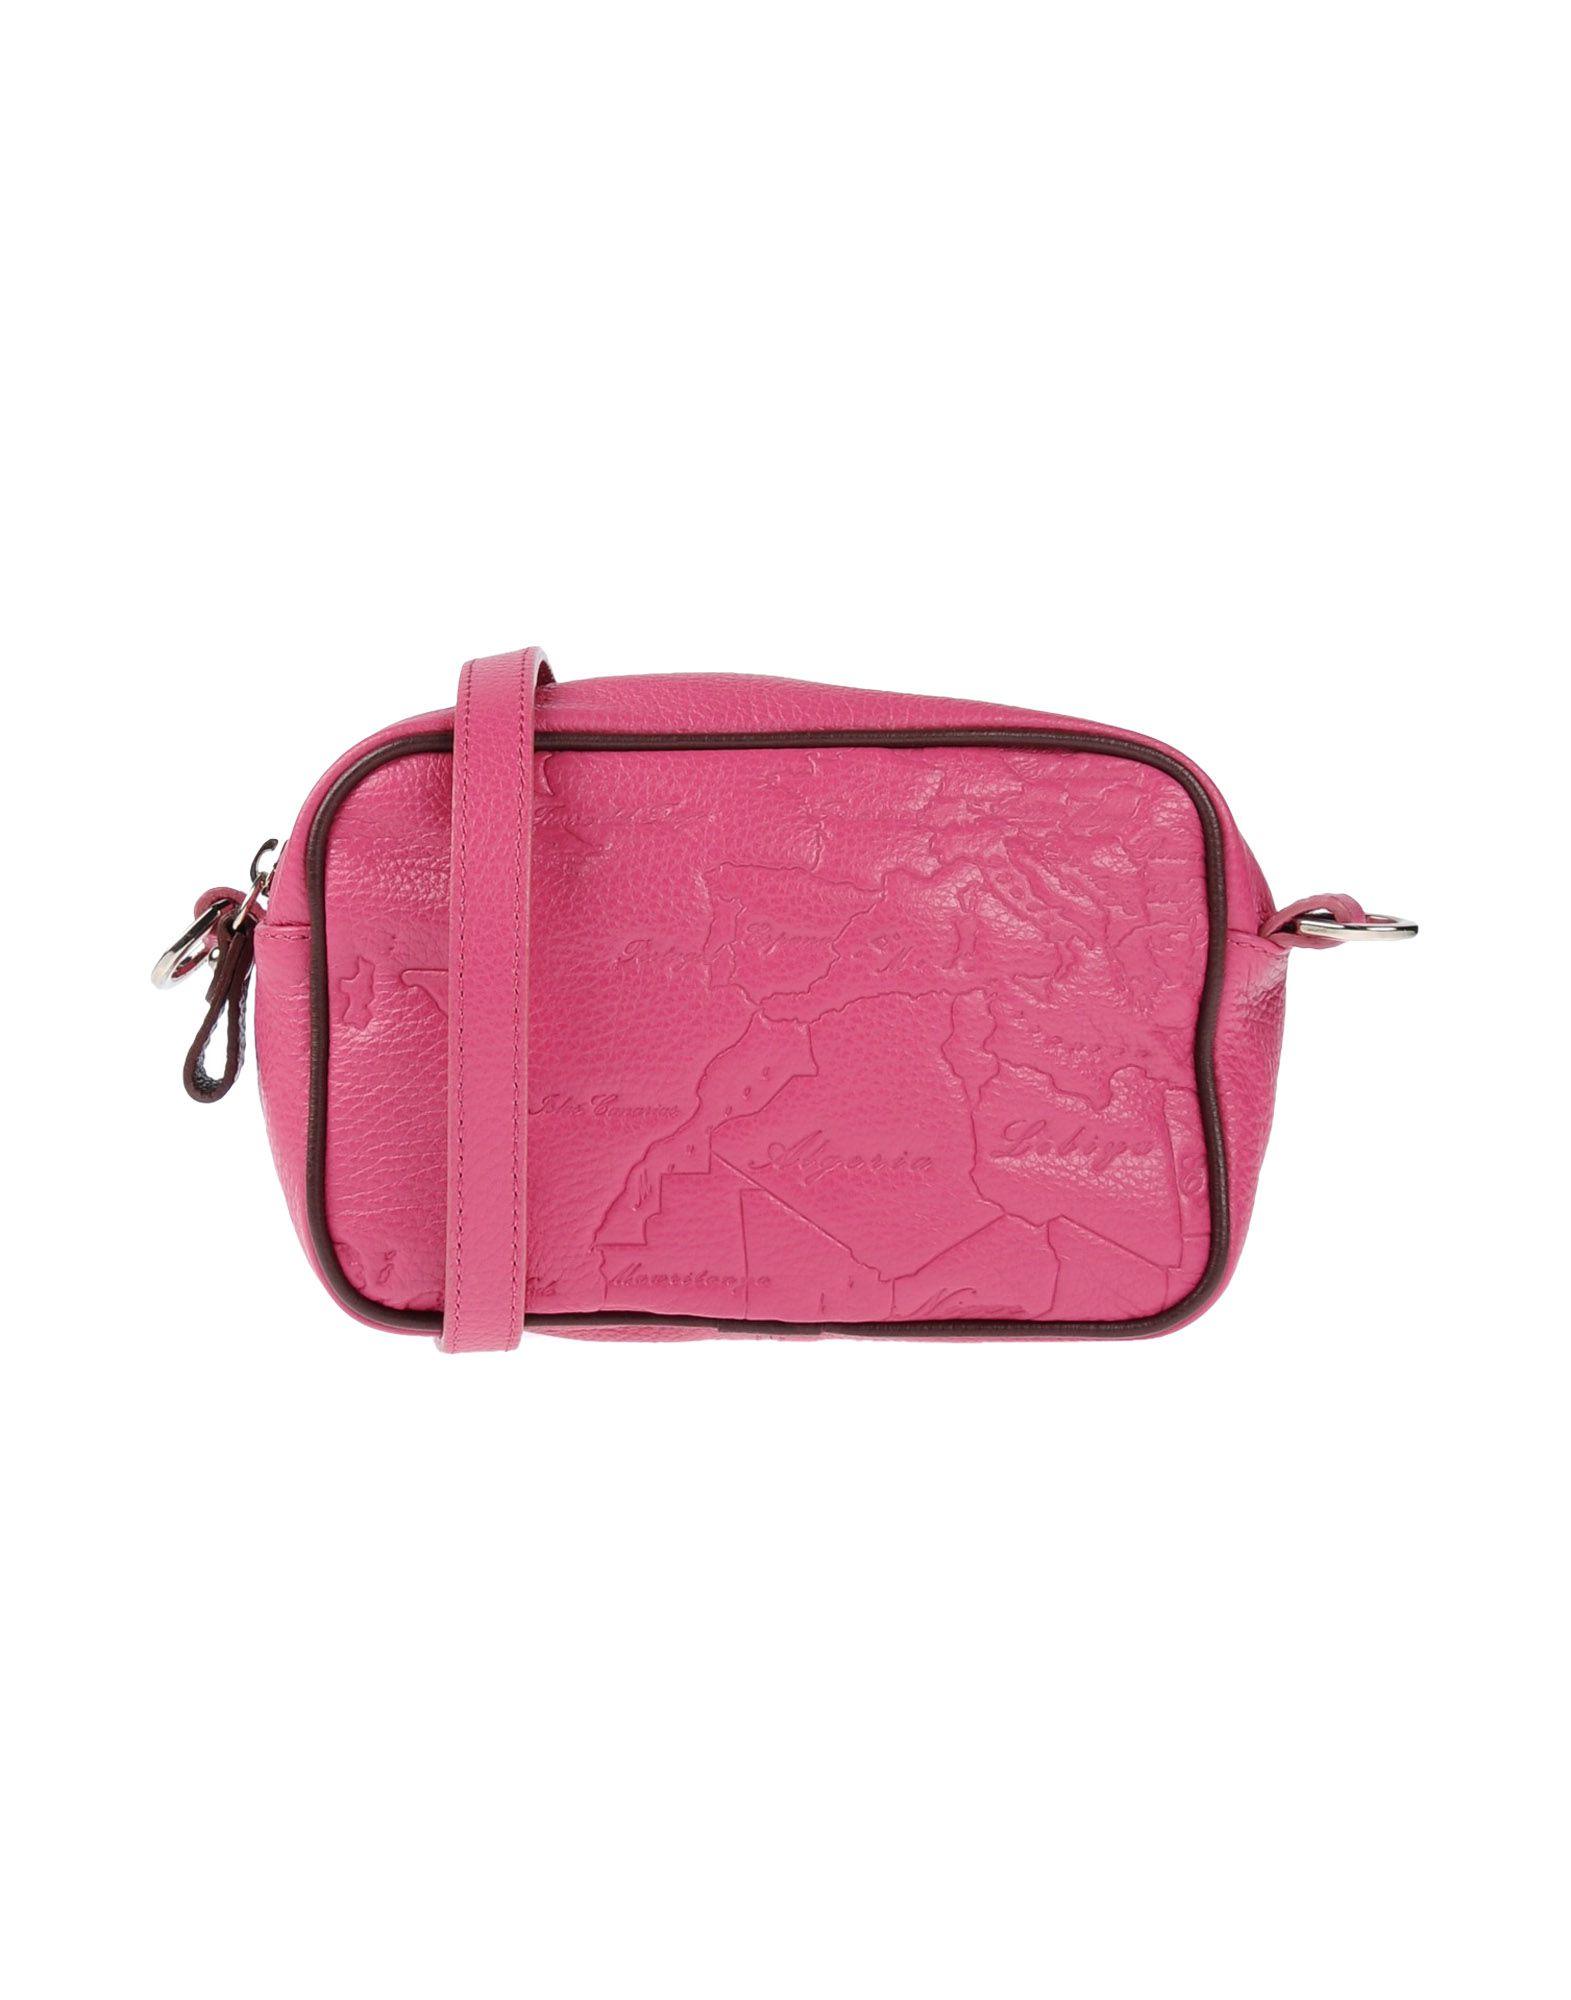 Borse Alviero Martini 2016 : Alviero martini a classe handbag in pink lyst